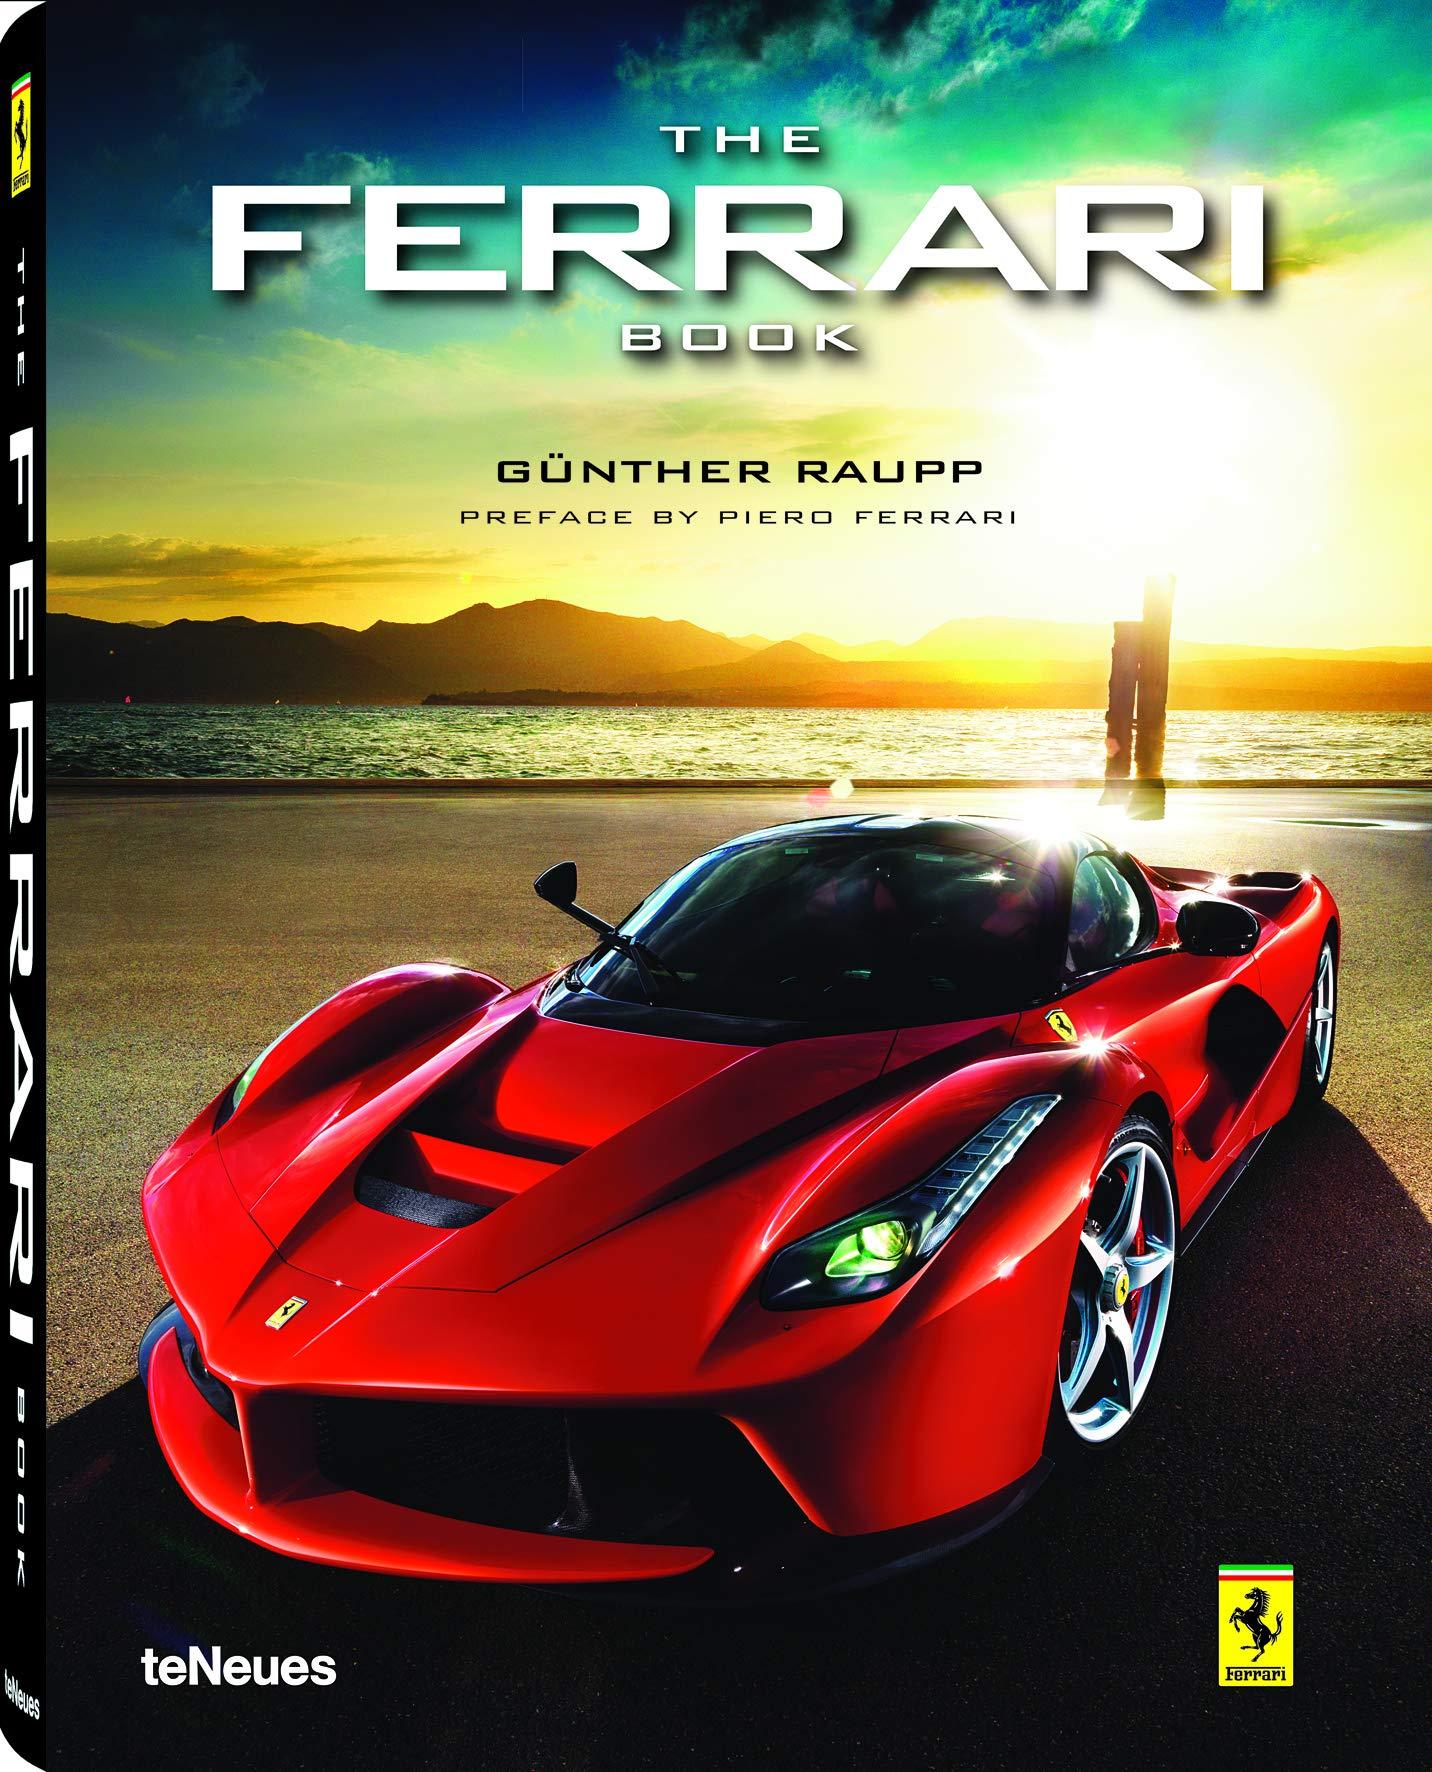 The Ferrari Book Ein Eindrucksvoller Bildband über Die Italienische Sportwagenikone Mit Texten Auf Deutsch Chinesisch Englisch Französisch Und Italienisch 29x37 Cm 304 Seiten Amazon De Günther Raupp Bücher